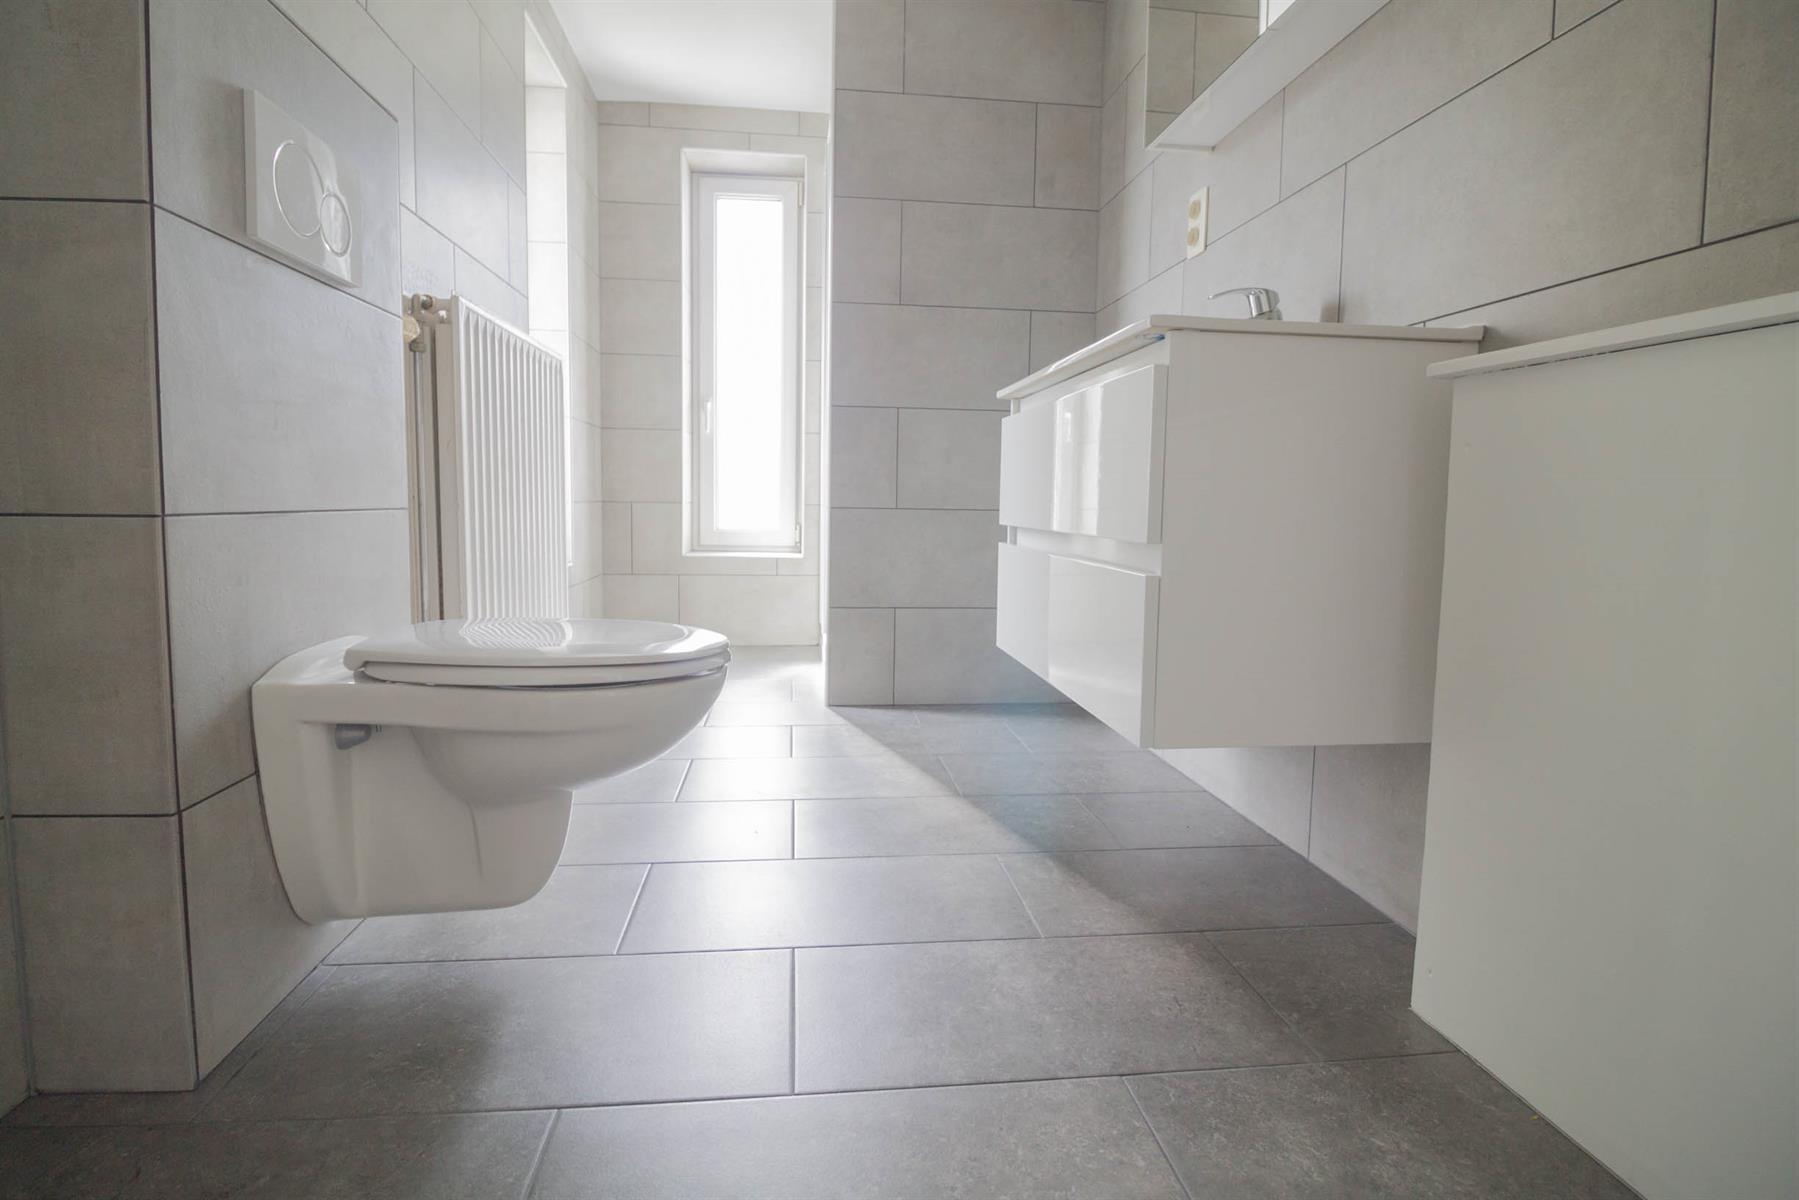 Appartement - Montigny-le-Tilleul - #4349715-11